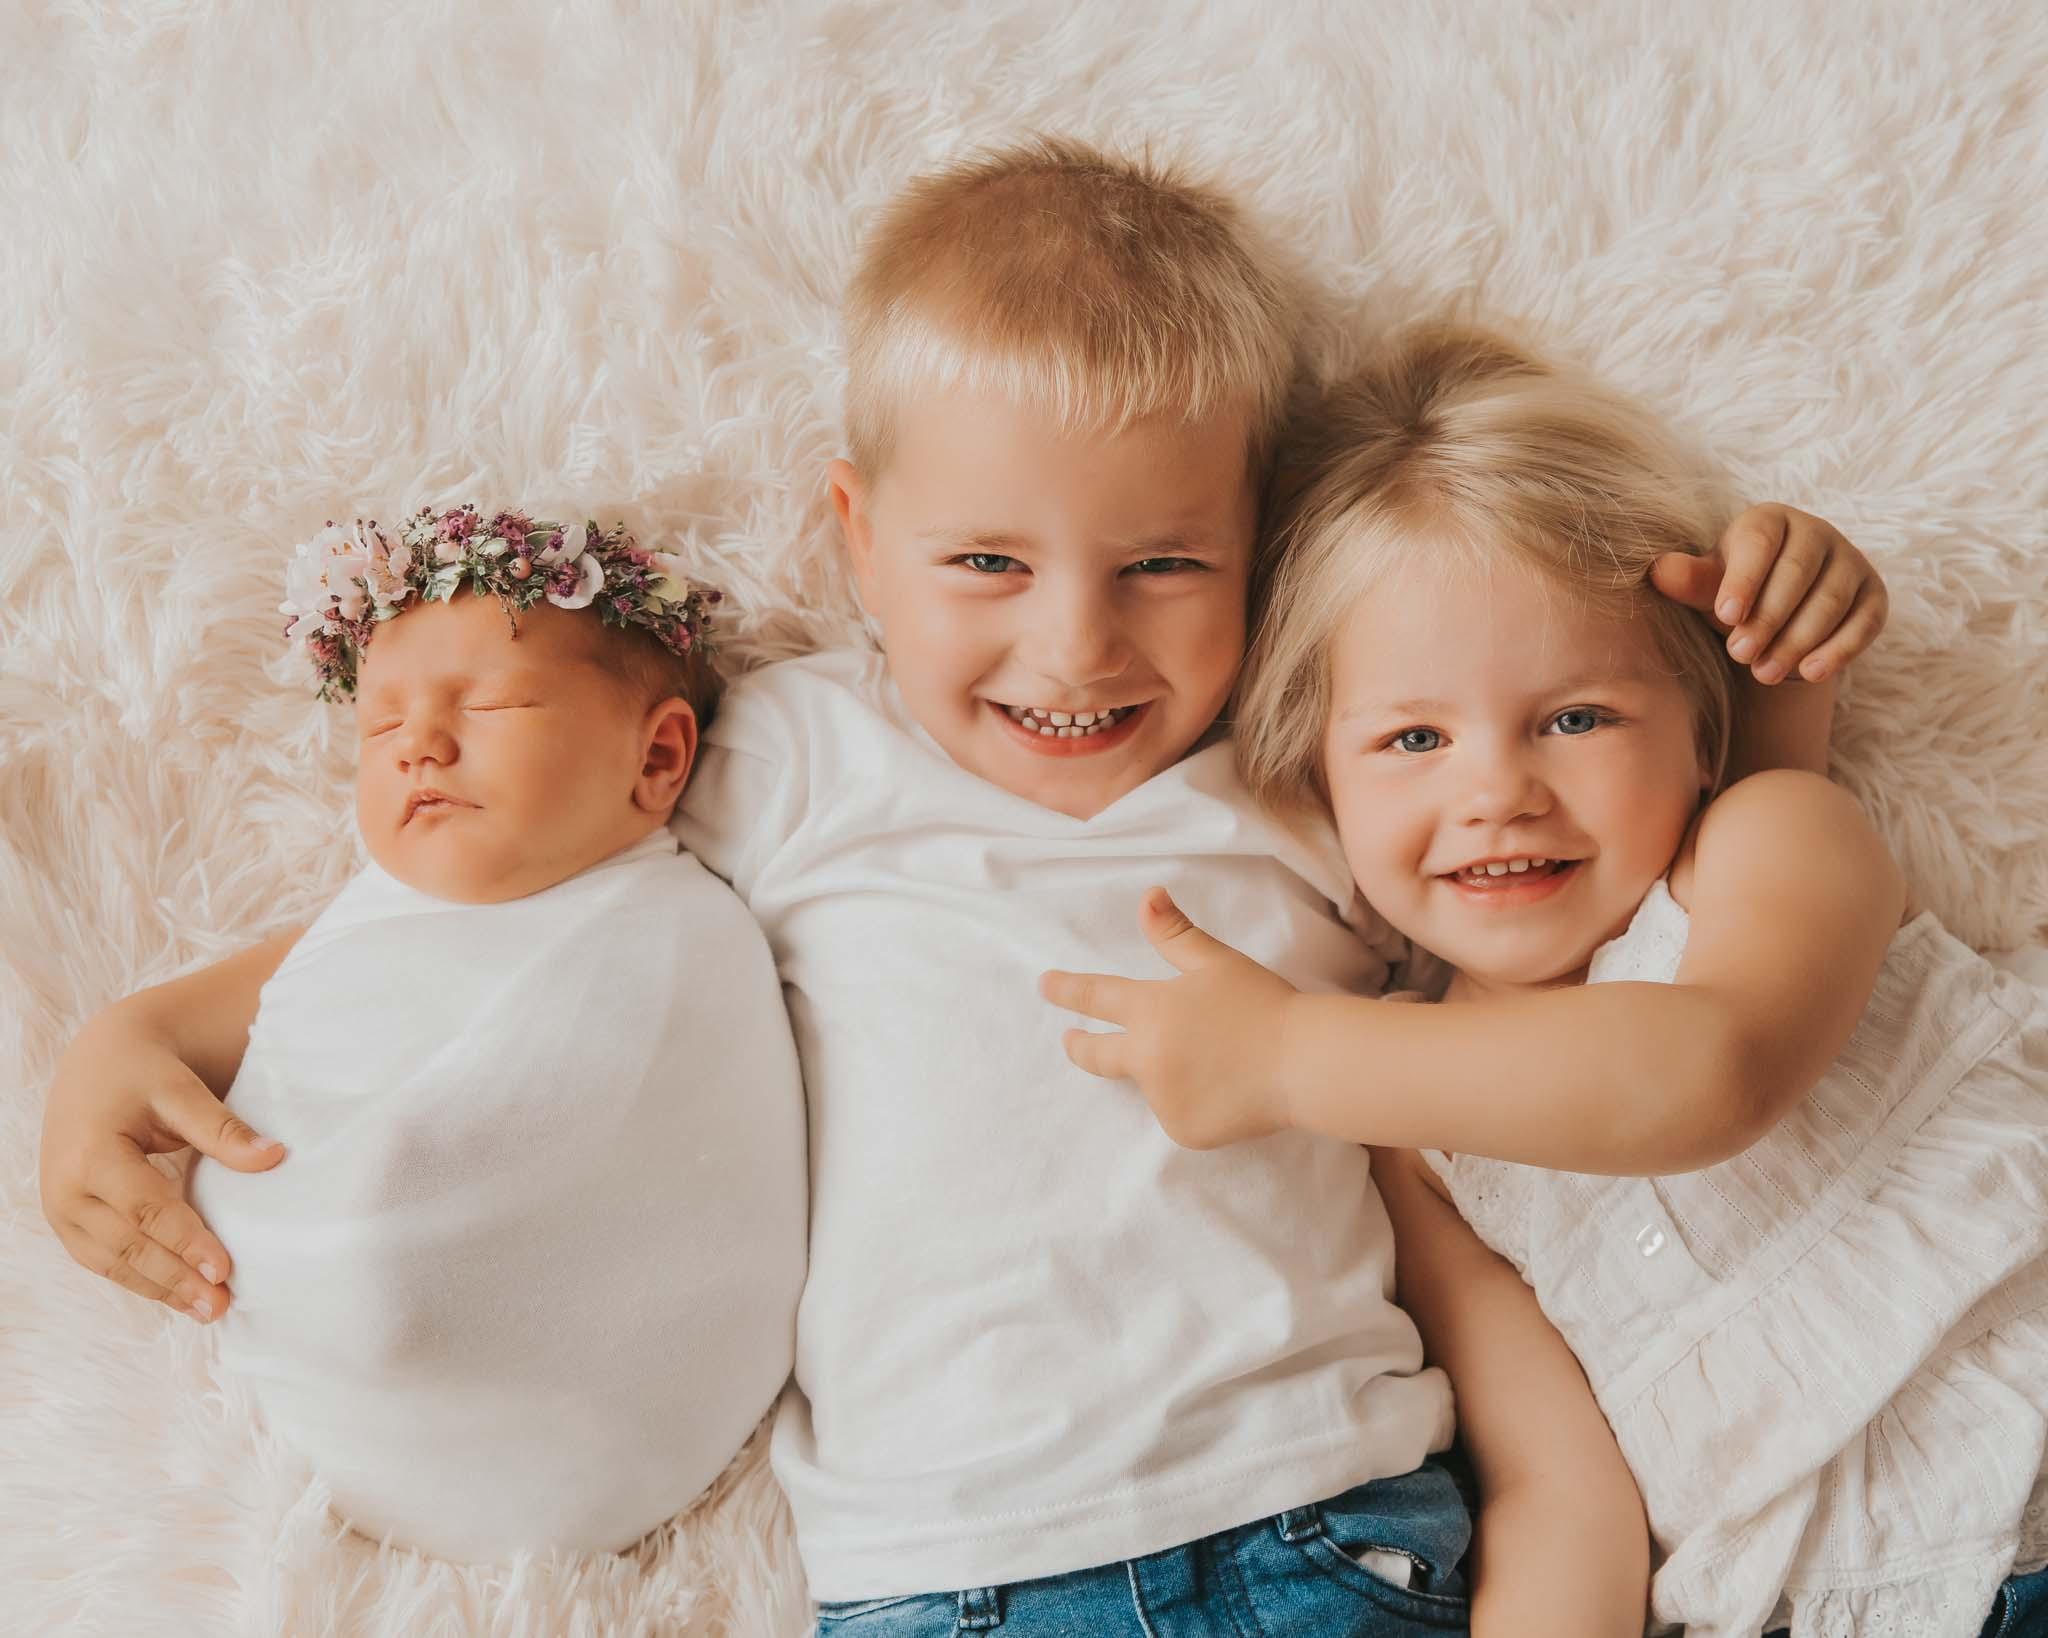 Kinderfotografie München: Geschwister-Kinder